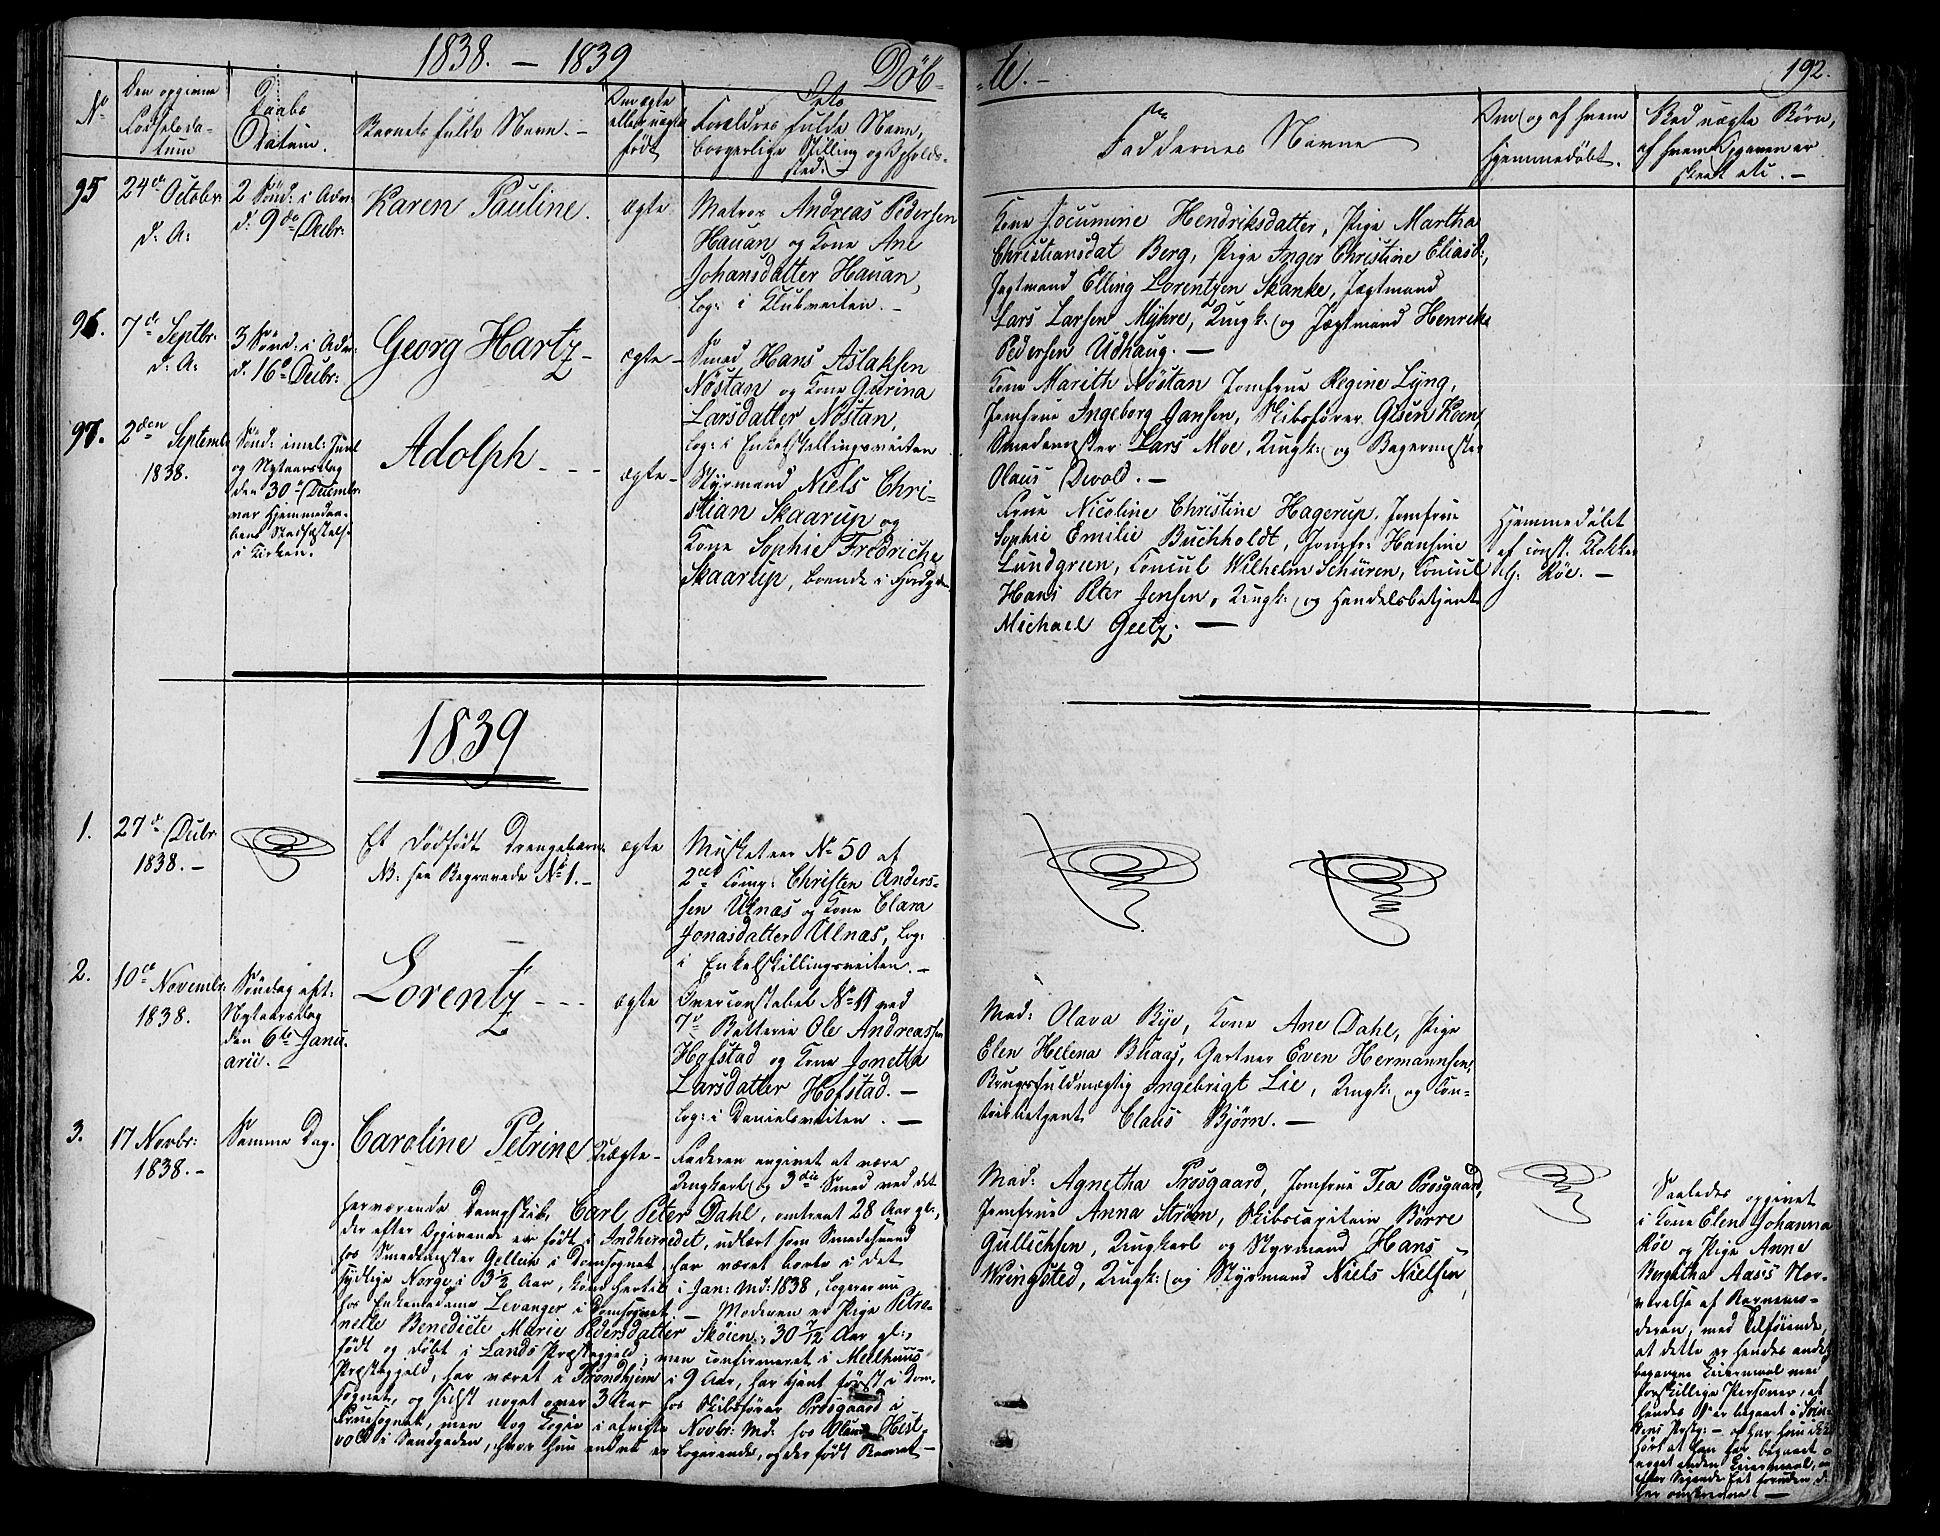 SAT, Ministerialprotokoller, klokkerbøker og fødselsregistre - Sør-Trøndelag, 602/L0108: Ministerialbok nr. 602A06, 1821-1839, s. 192